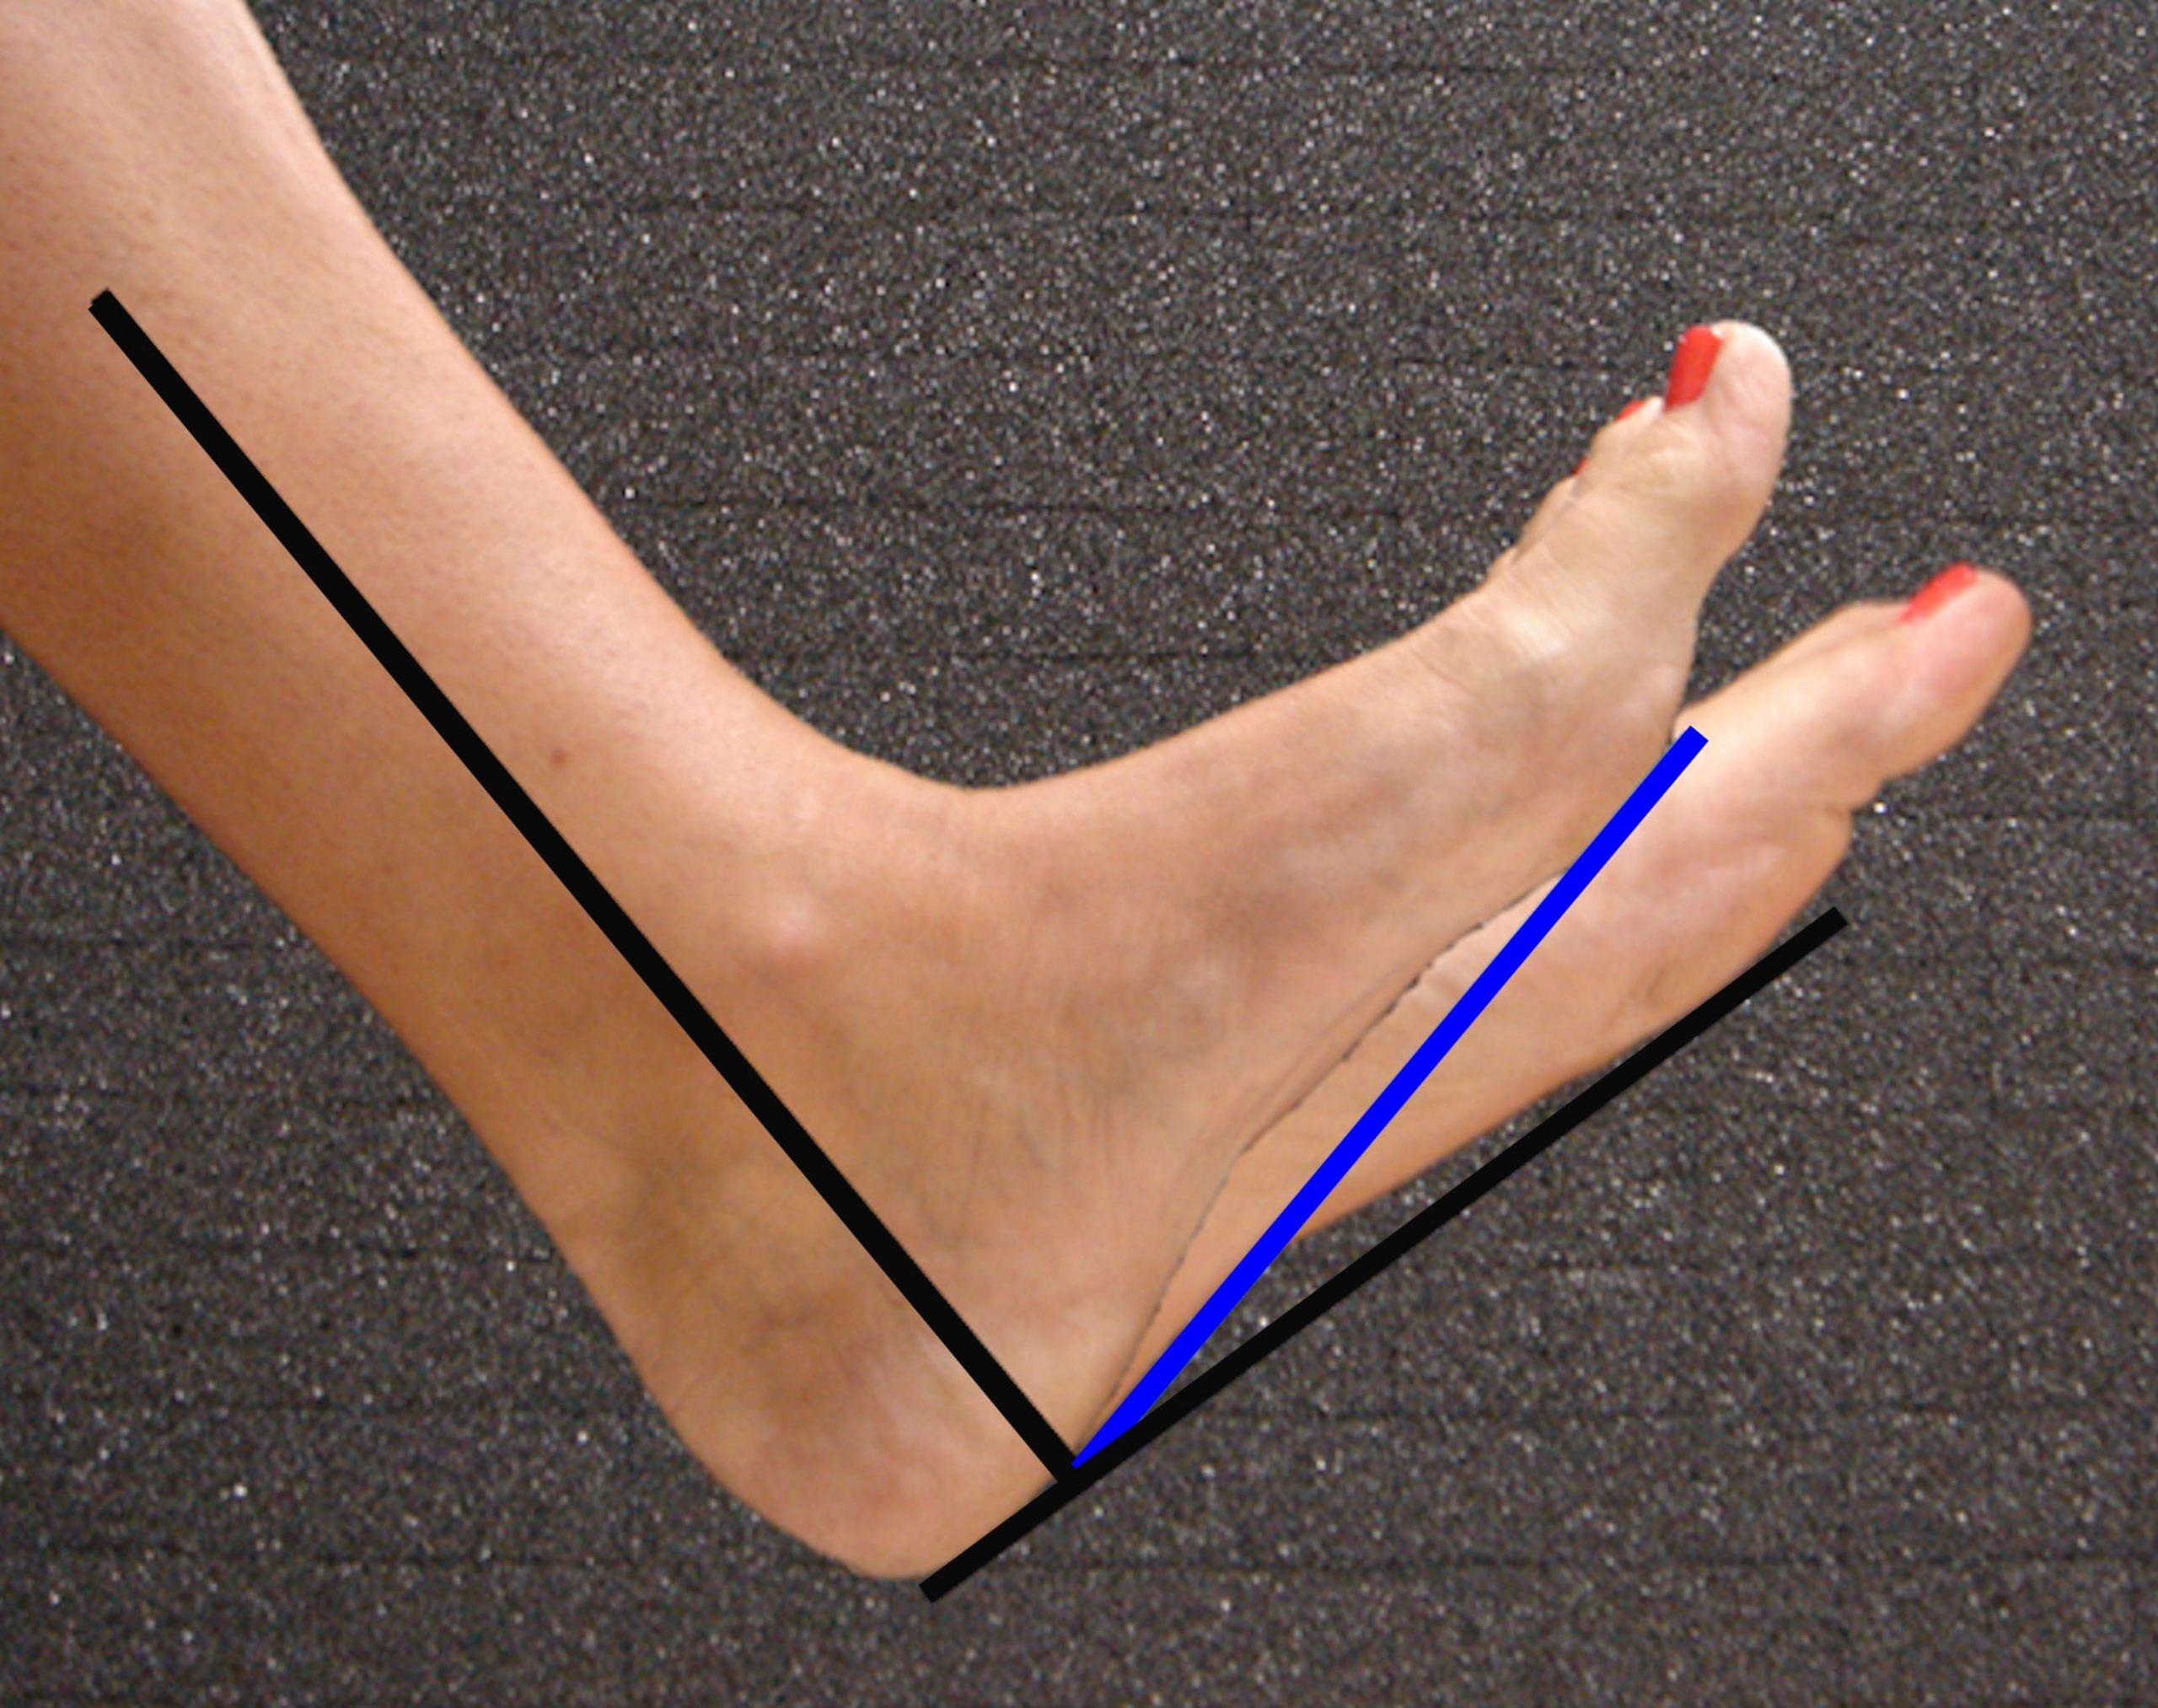 Equinus foot